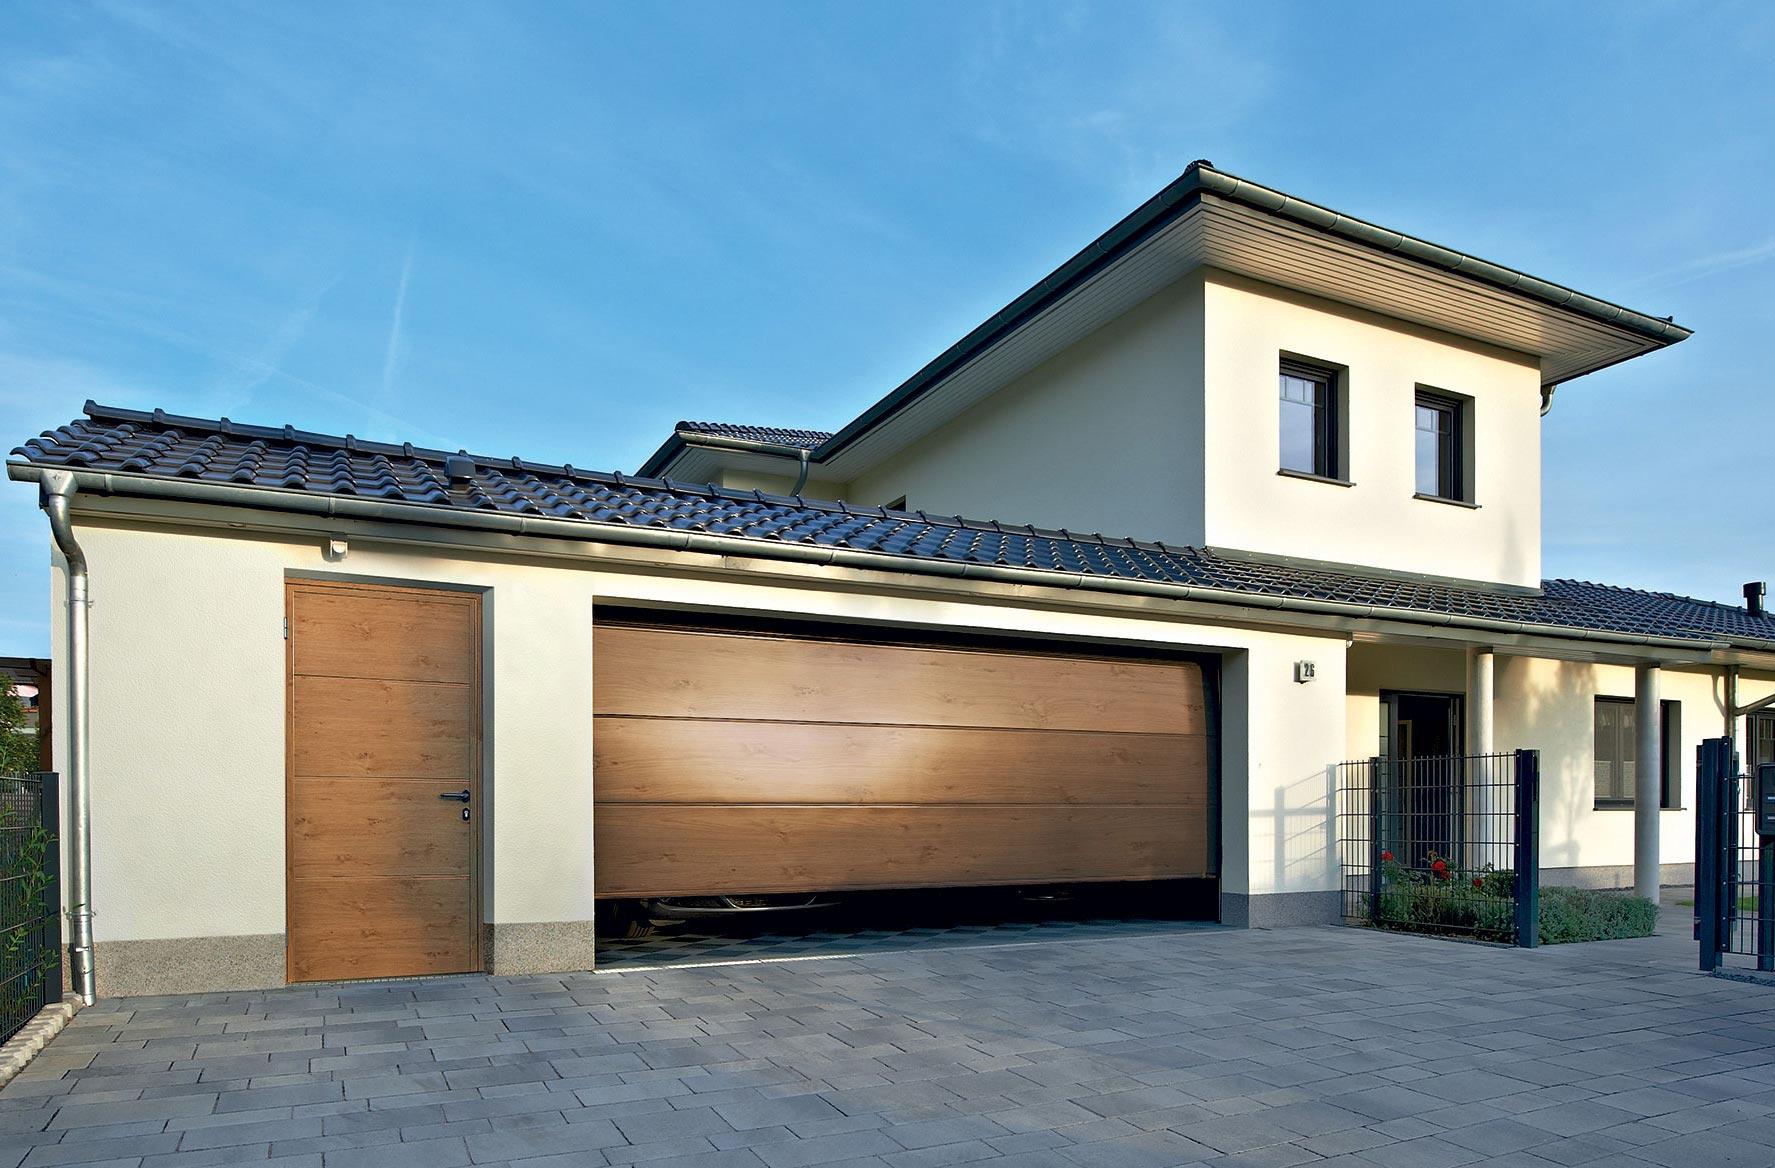 1168 #2172AA About Mansfield Garage Doors image Garage Doors Company 35831775